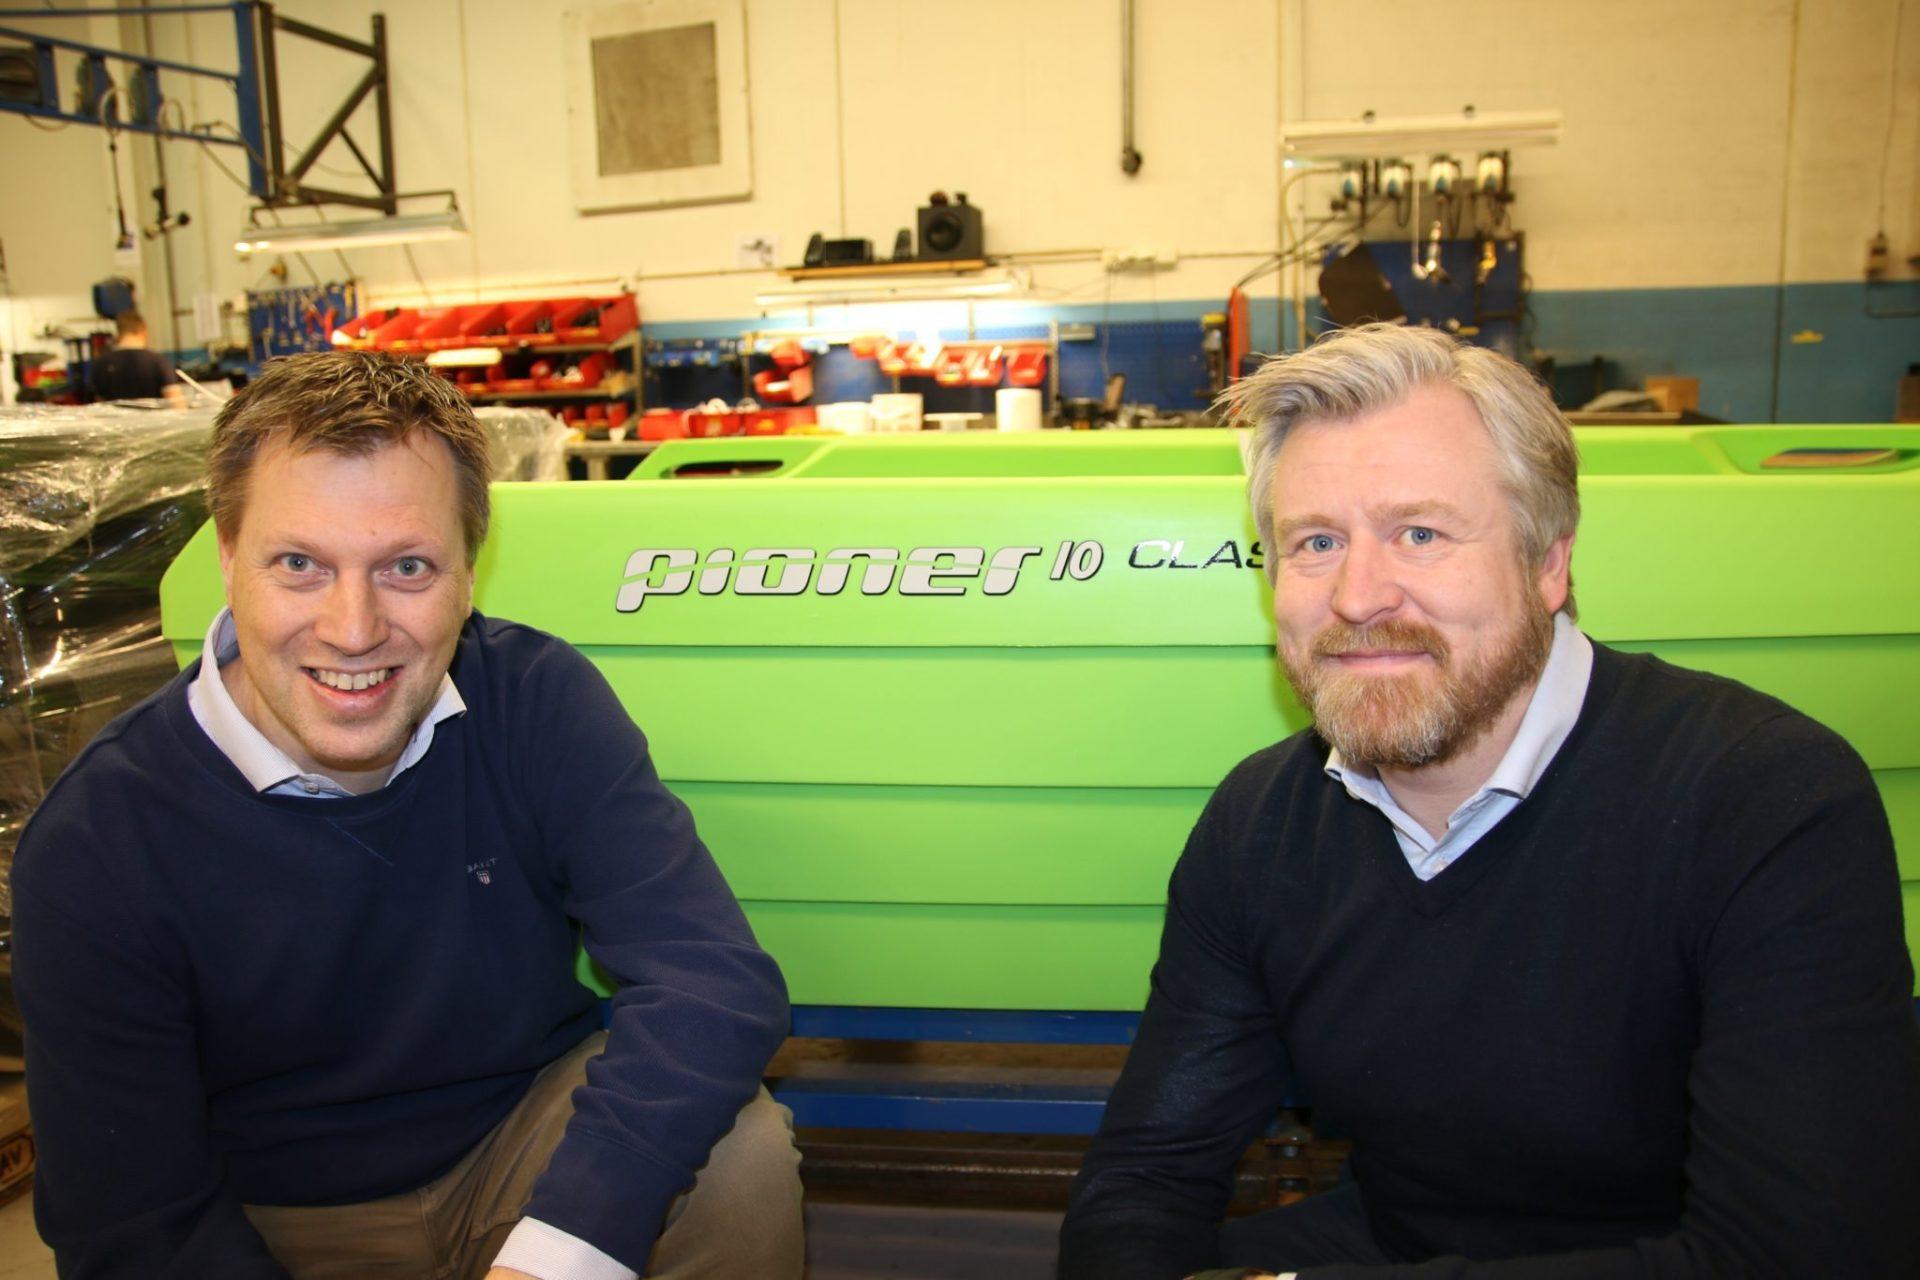 I PRODUKSJONEN: Pioner Norge ved Teknisk sjef Lars Haugli og salgs- og markedssjef Carl Fredrik Kleppe på̊ fabrikken i Bjørkelangen foran en ny Pioner 10 Classic.